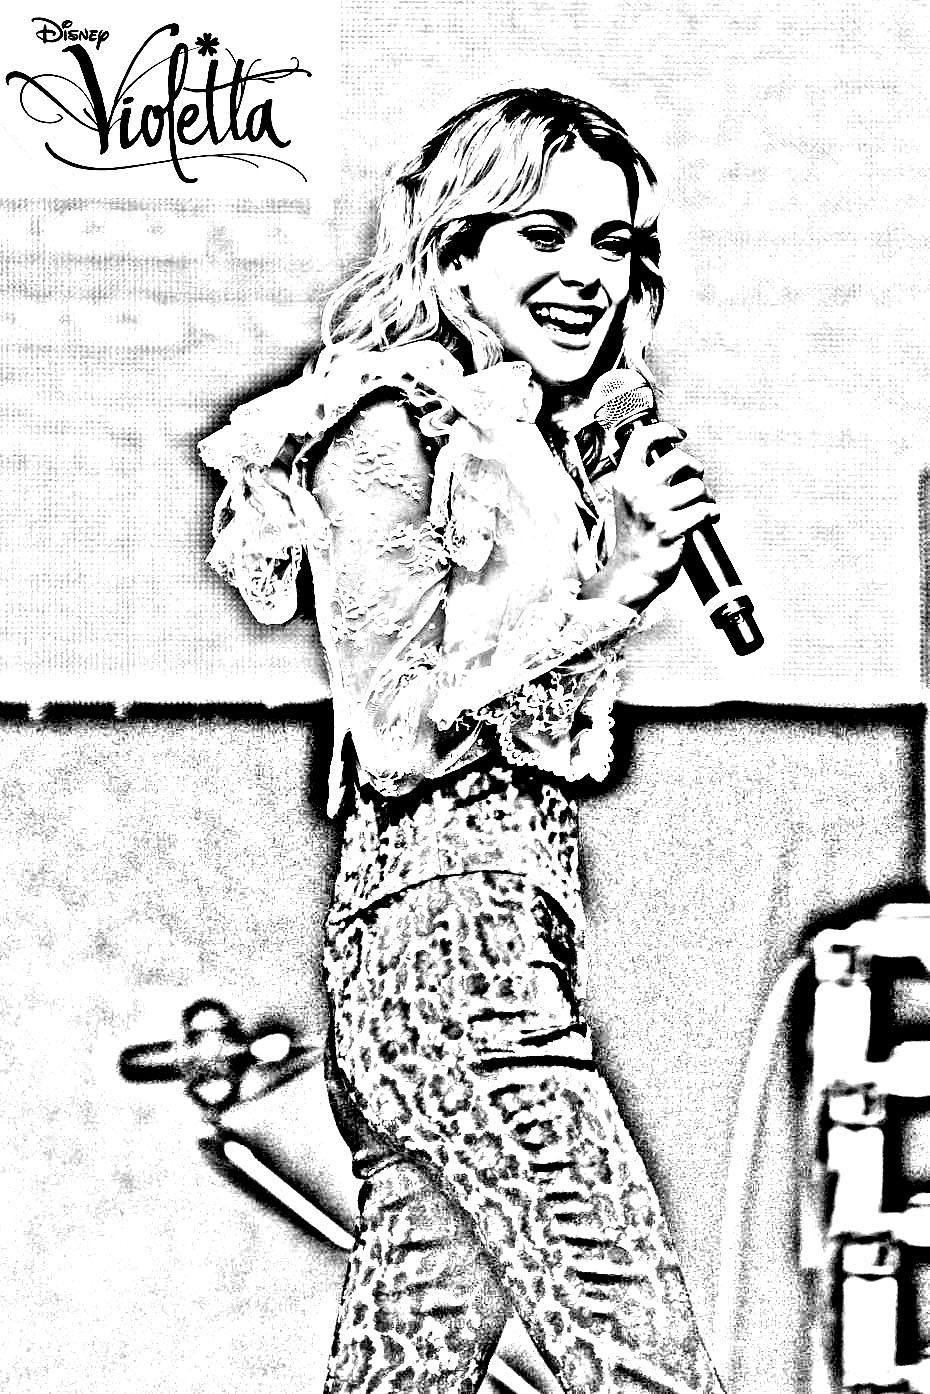 3 image=violetta violetta blonde concert 1